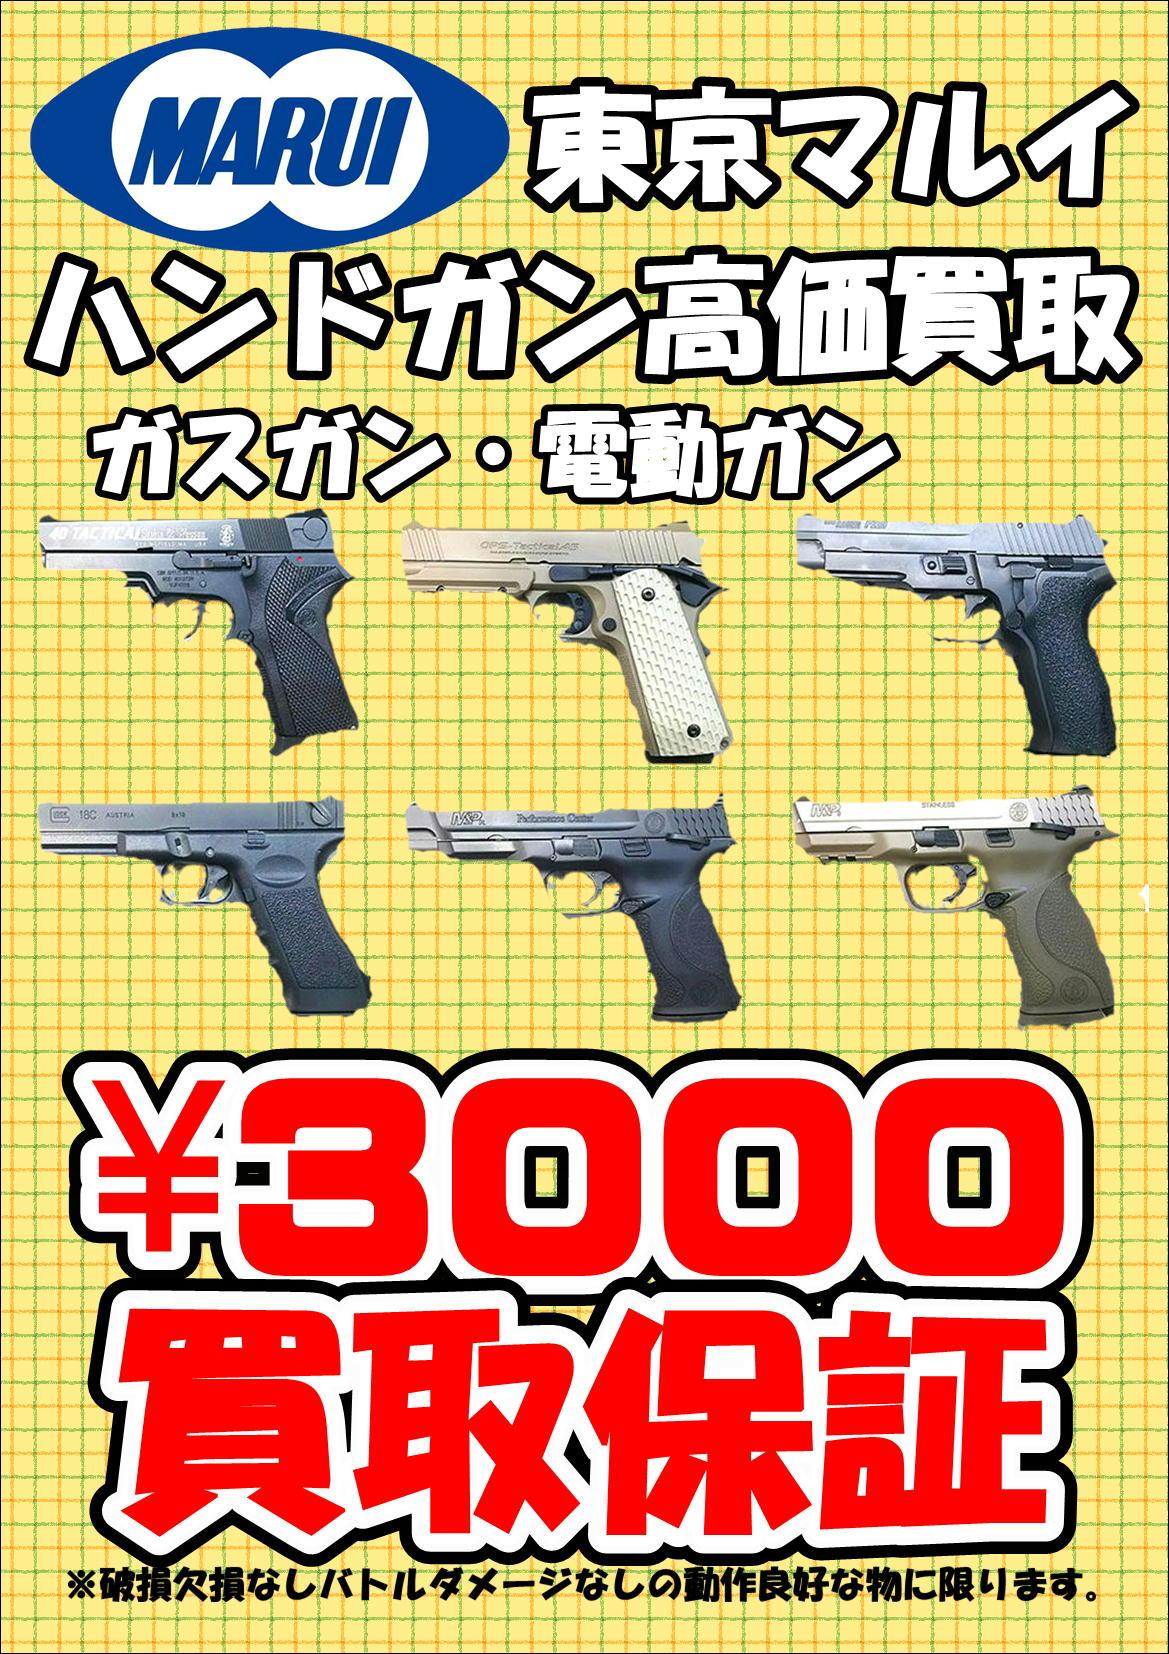 マルイのハンドガン3000円買取保証!